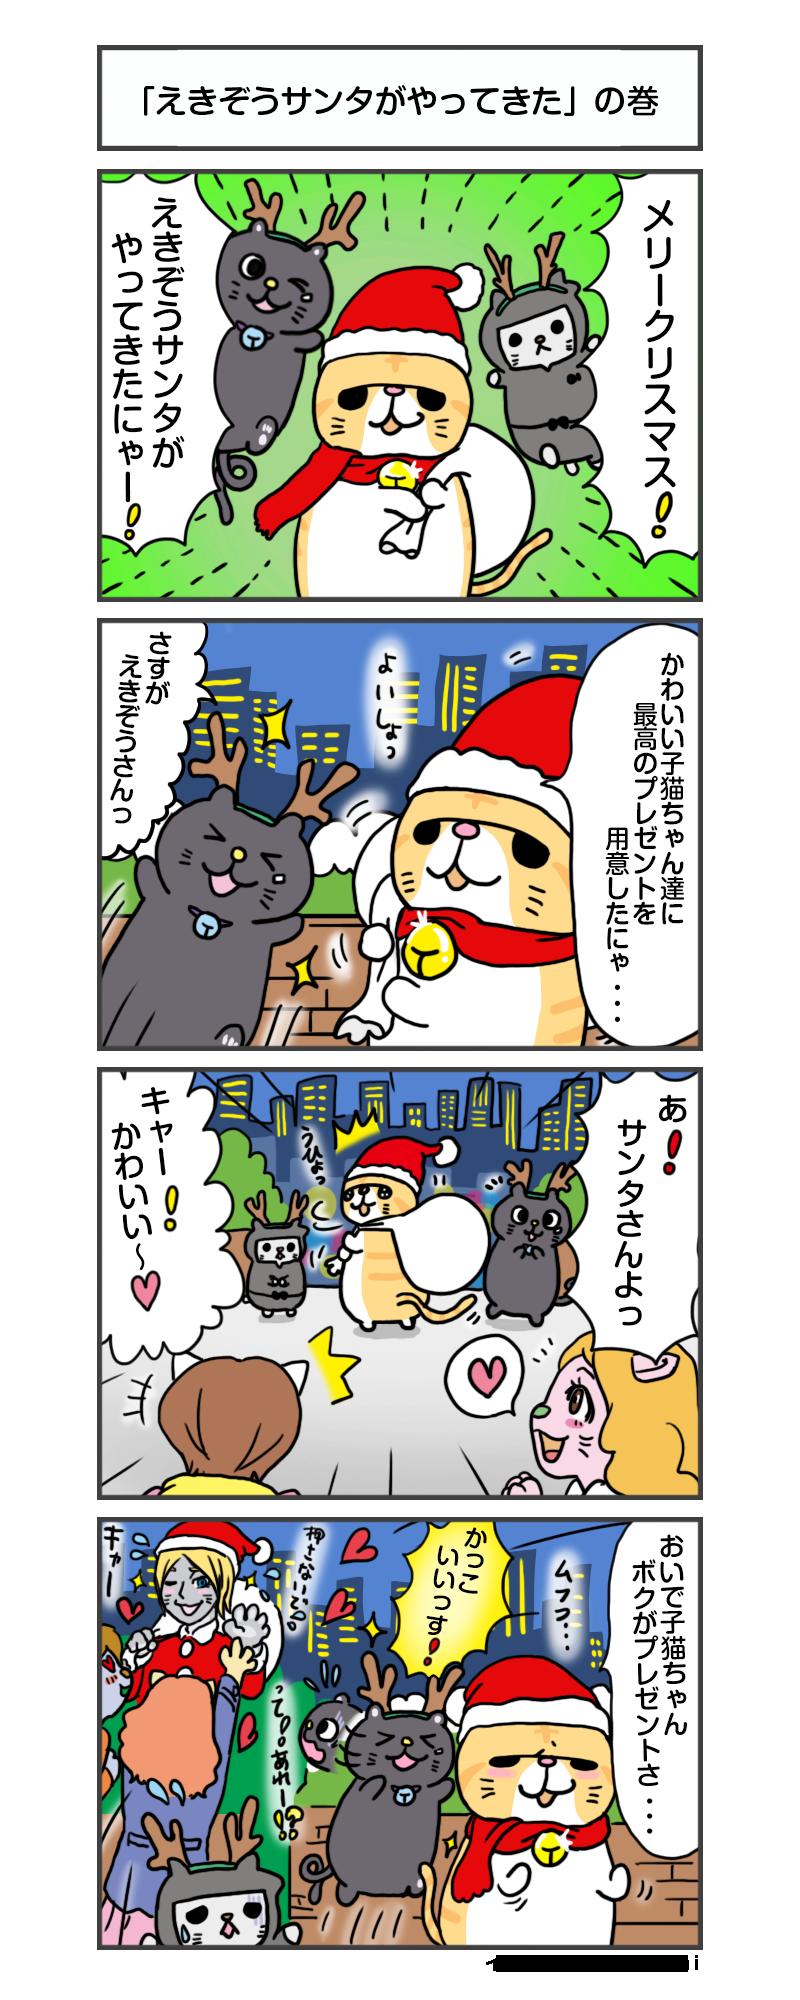 縺医″縺昴y縺・anga_vol.20